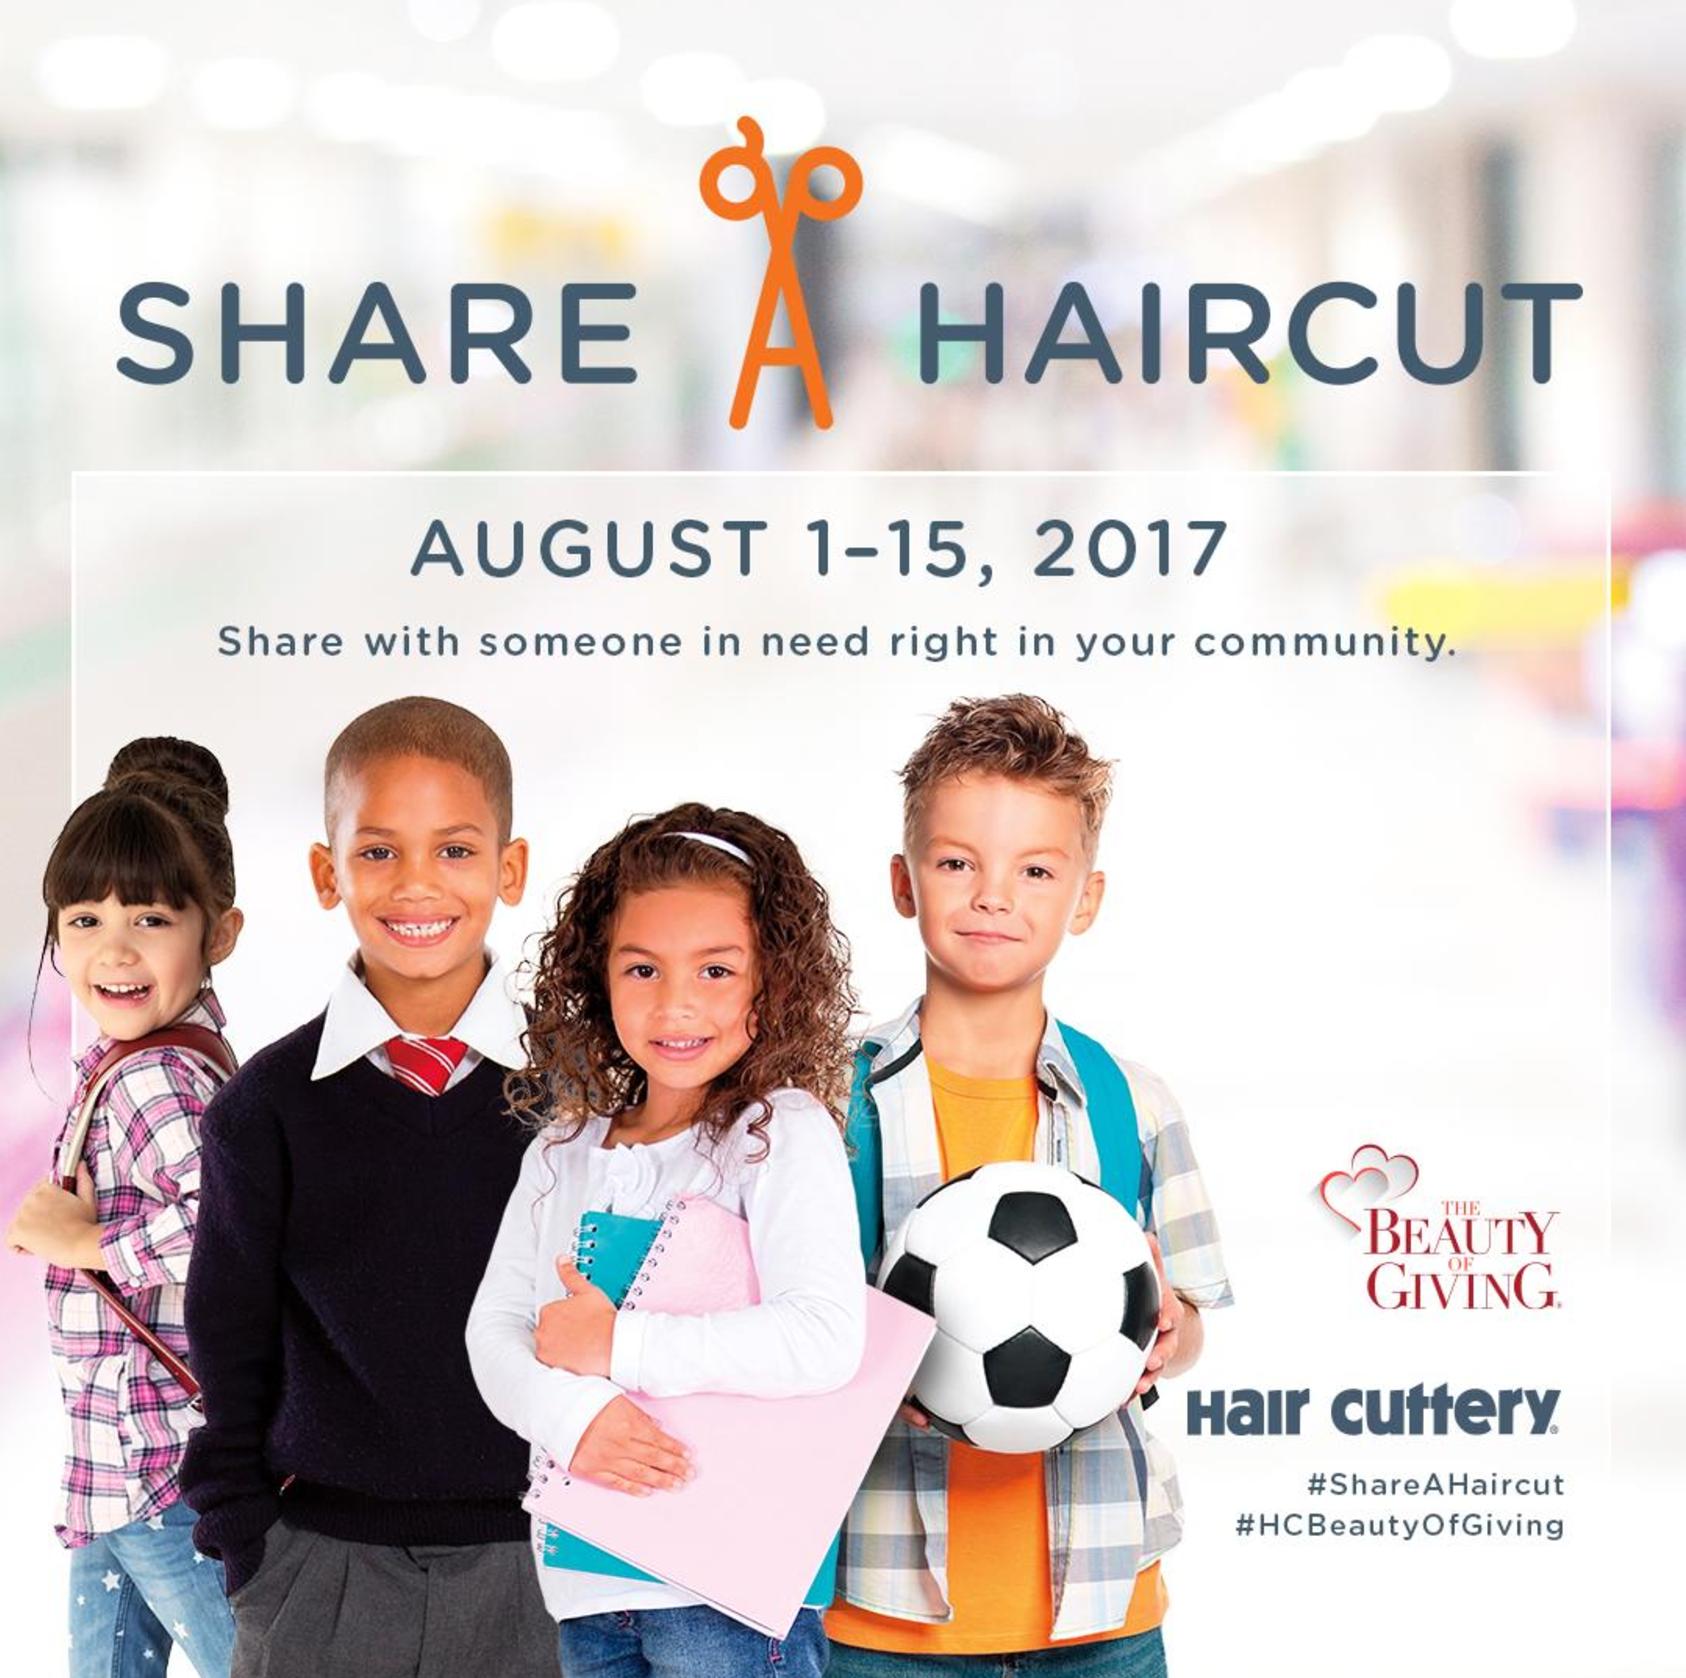 """Hair Cuttery """"Share-A-Haircut"""" program runs from August 1-15, 2017"""